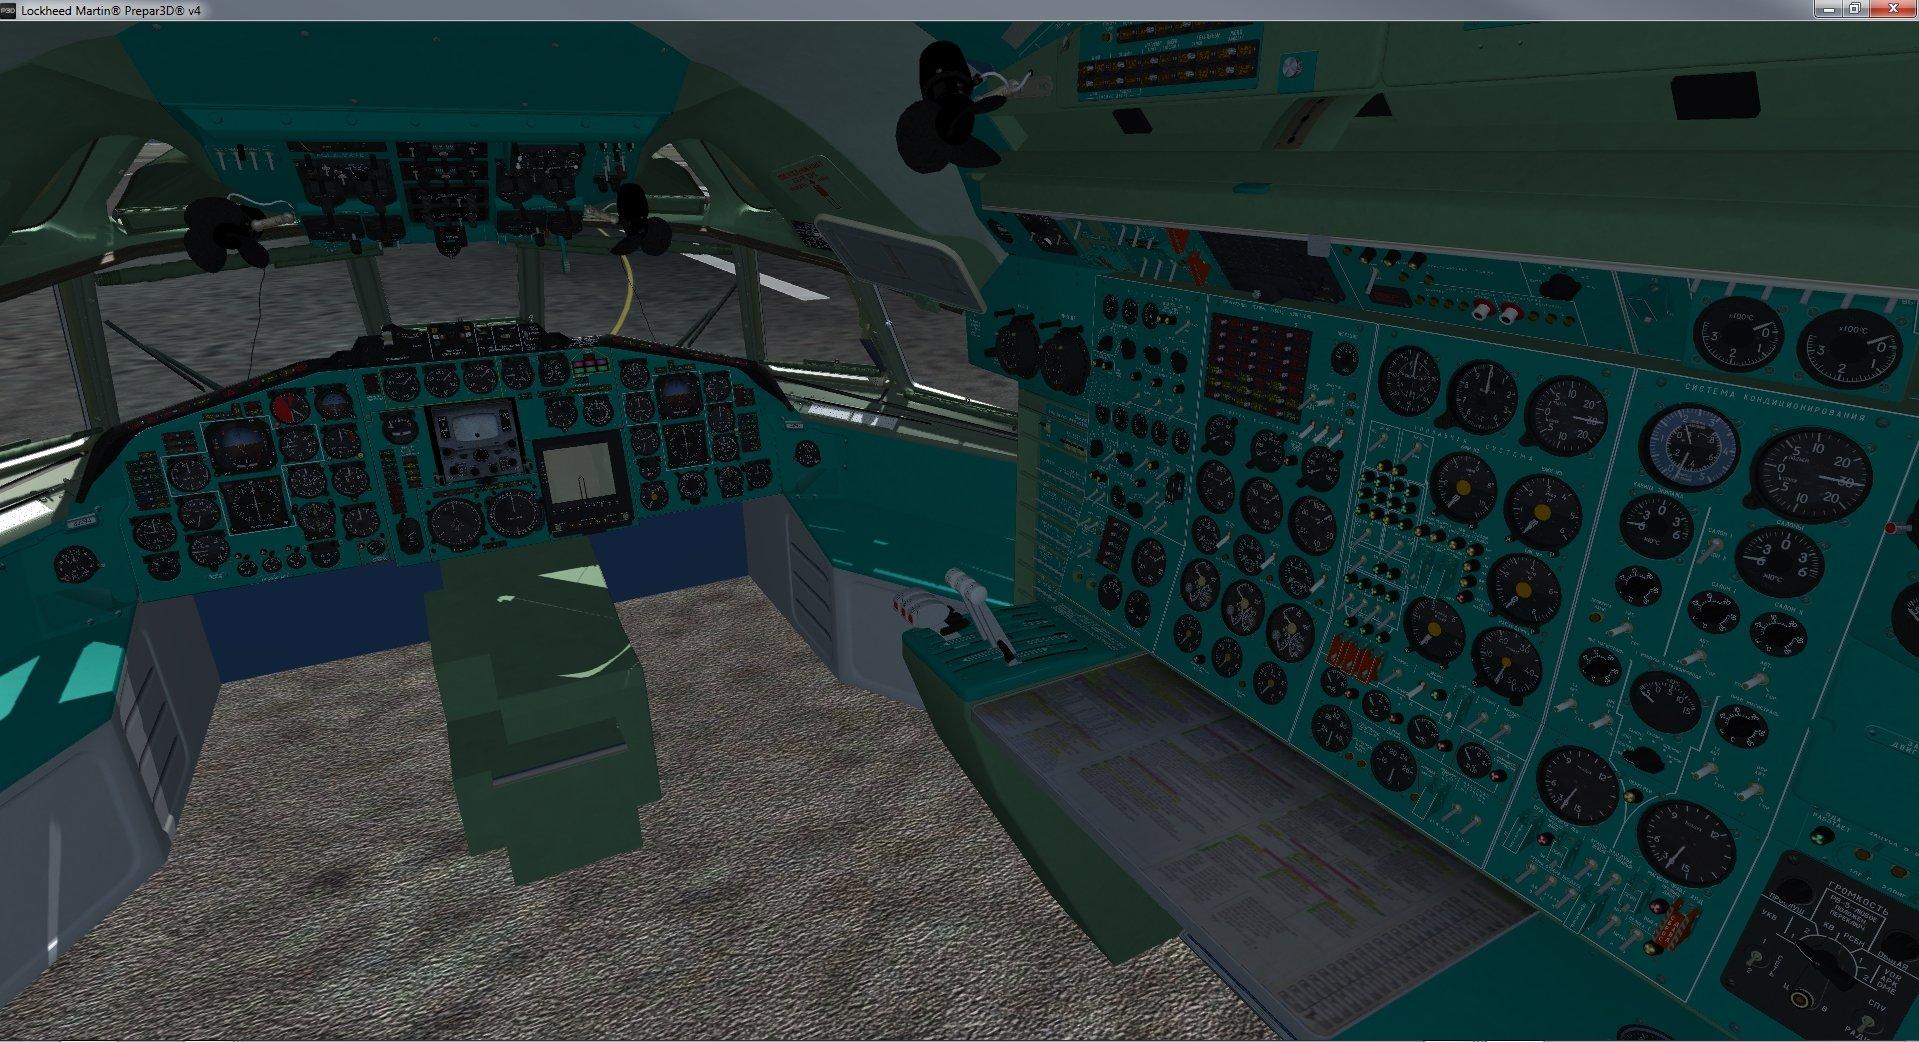 1441511086_2019-10-0313_42_36-LockheedMartinPrepar3Dv4.jpg.40d0b3b24463e10521ac836d1e251541.jpg